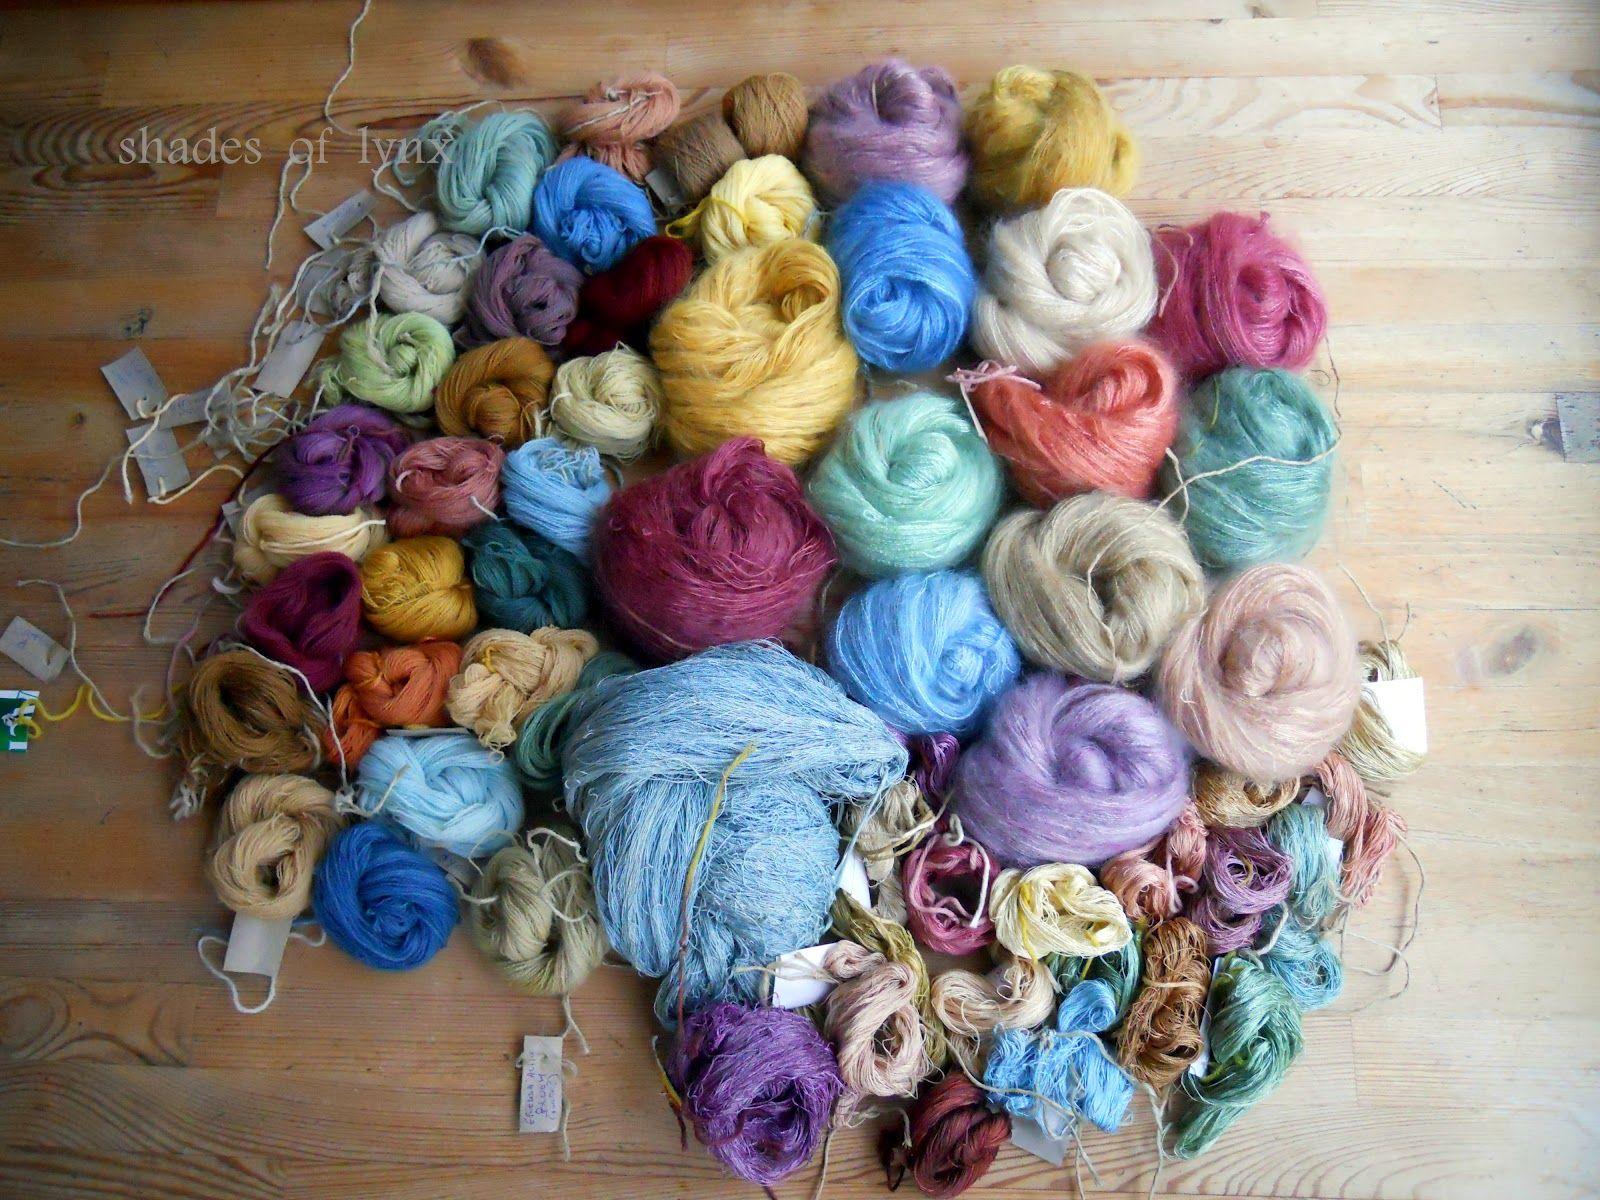 Diy Fermented Herbal Dyes For Yarns From Shadesoflynx